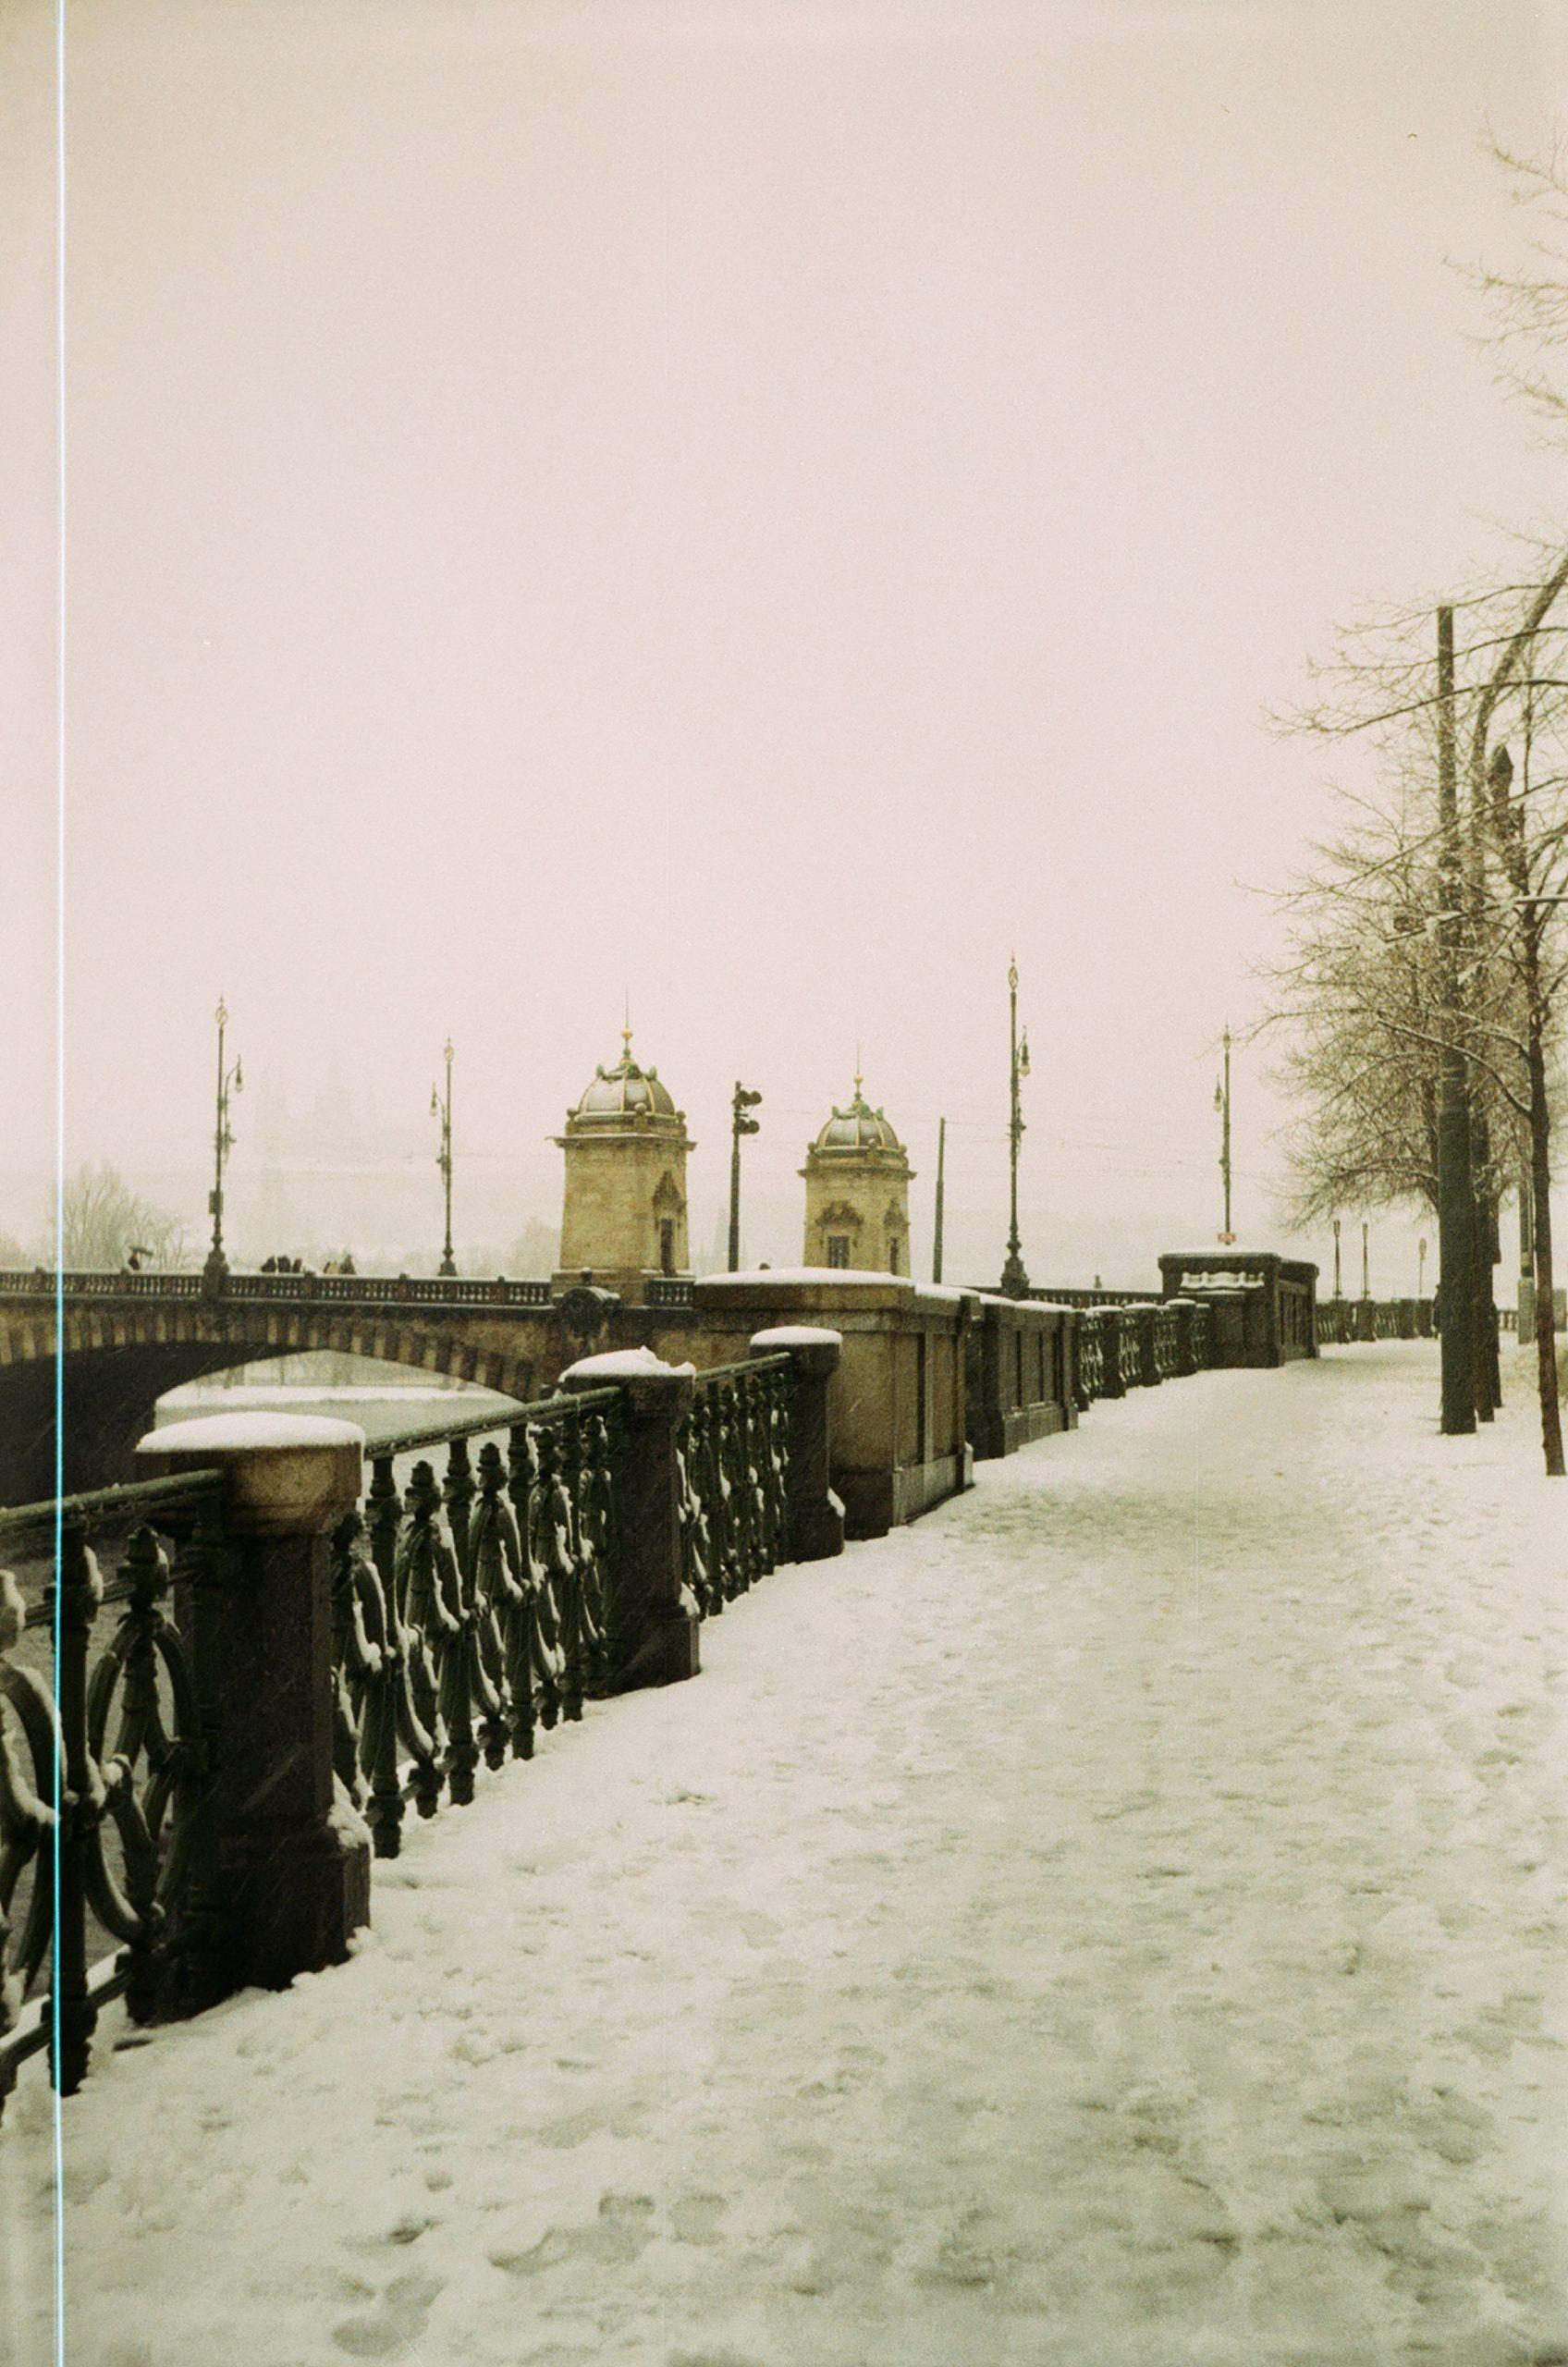 Prague: an unexpected winter destination (& how to survive Czech winter)